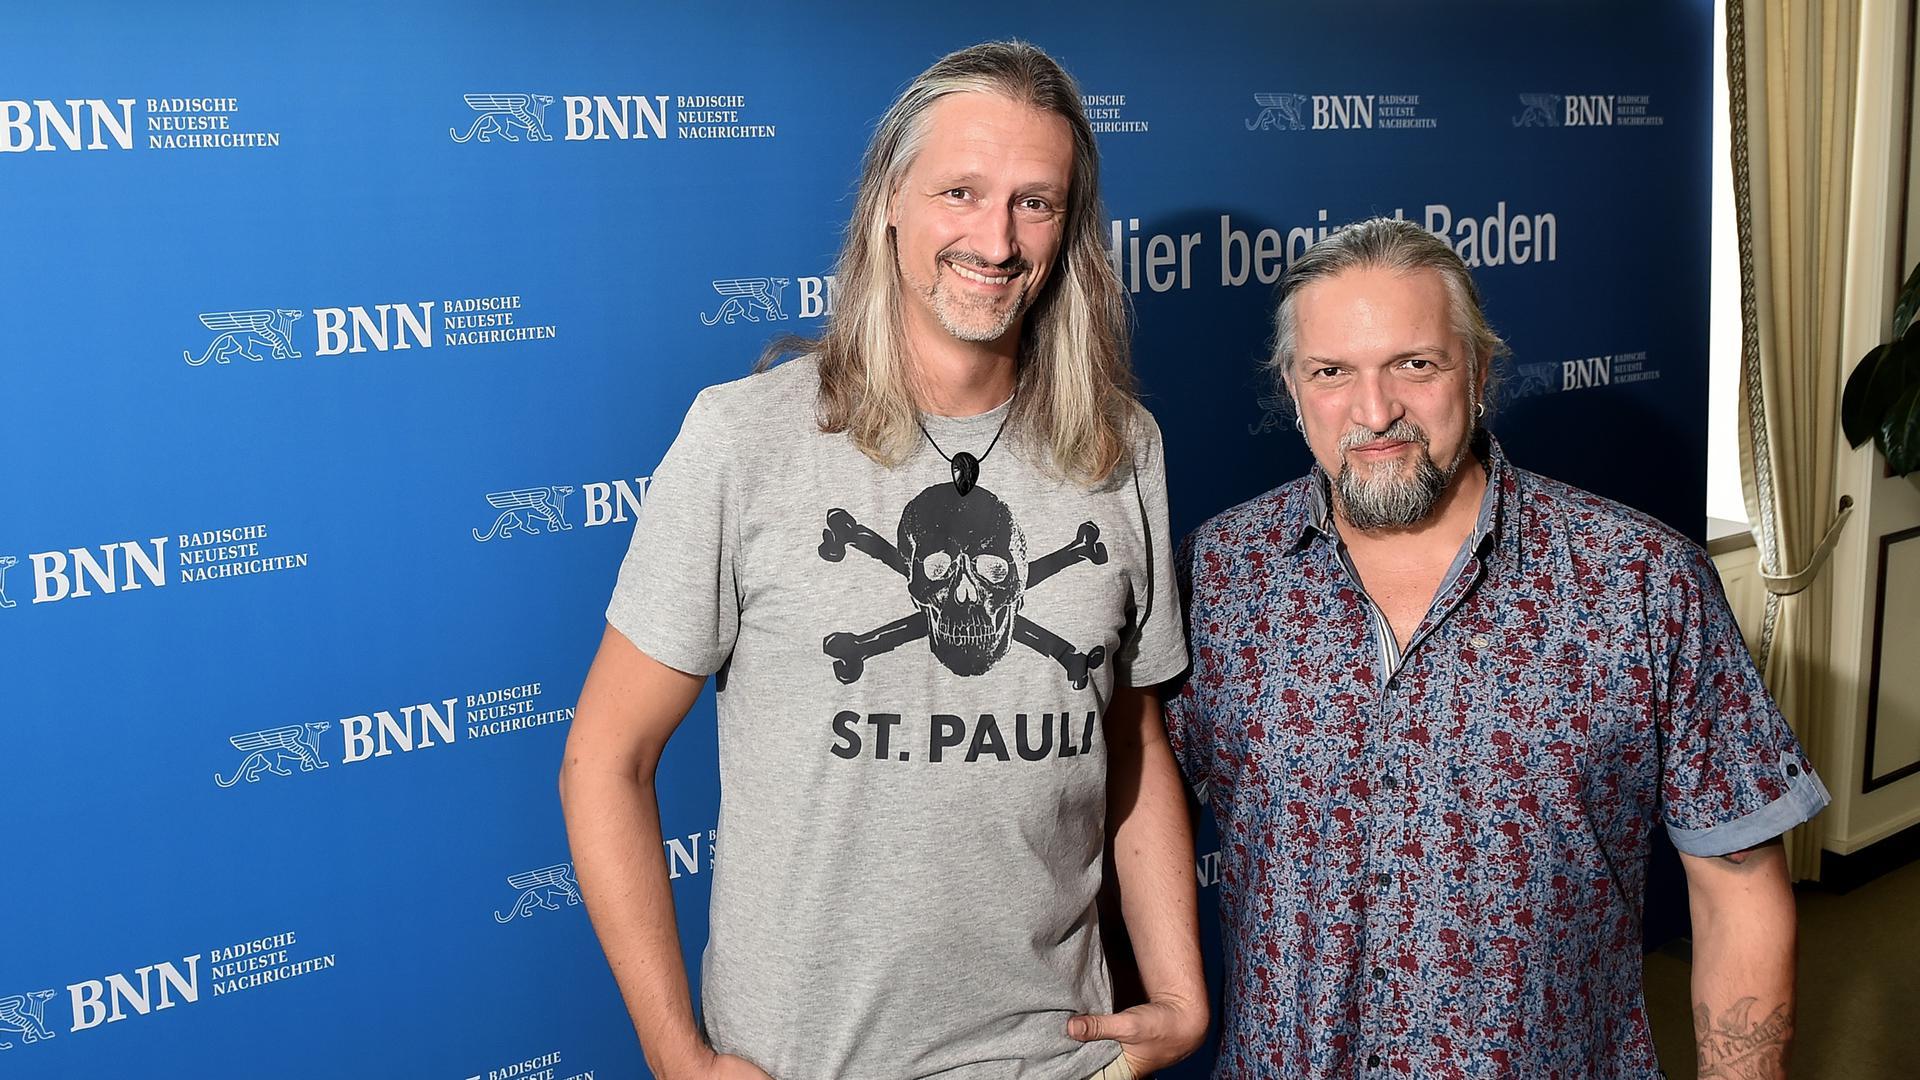 Am 10.08.2018 waren Saltatio Mortis zu Gast bei den BNN. Links im Bild: Schlagzeuger Timo Gleichmann alias Lasterbalk, rechts: Gründungsmitglied und Drehleier-Spieler Gunter Kopf